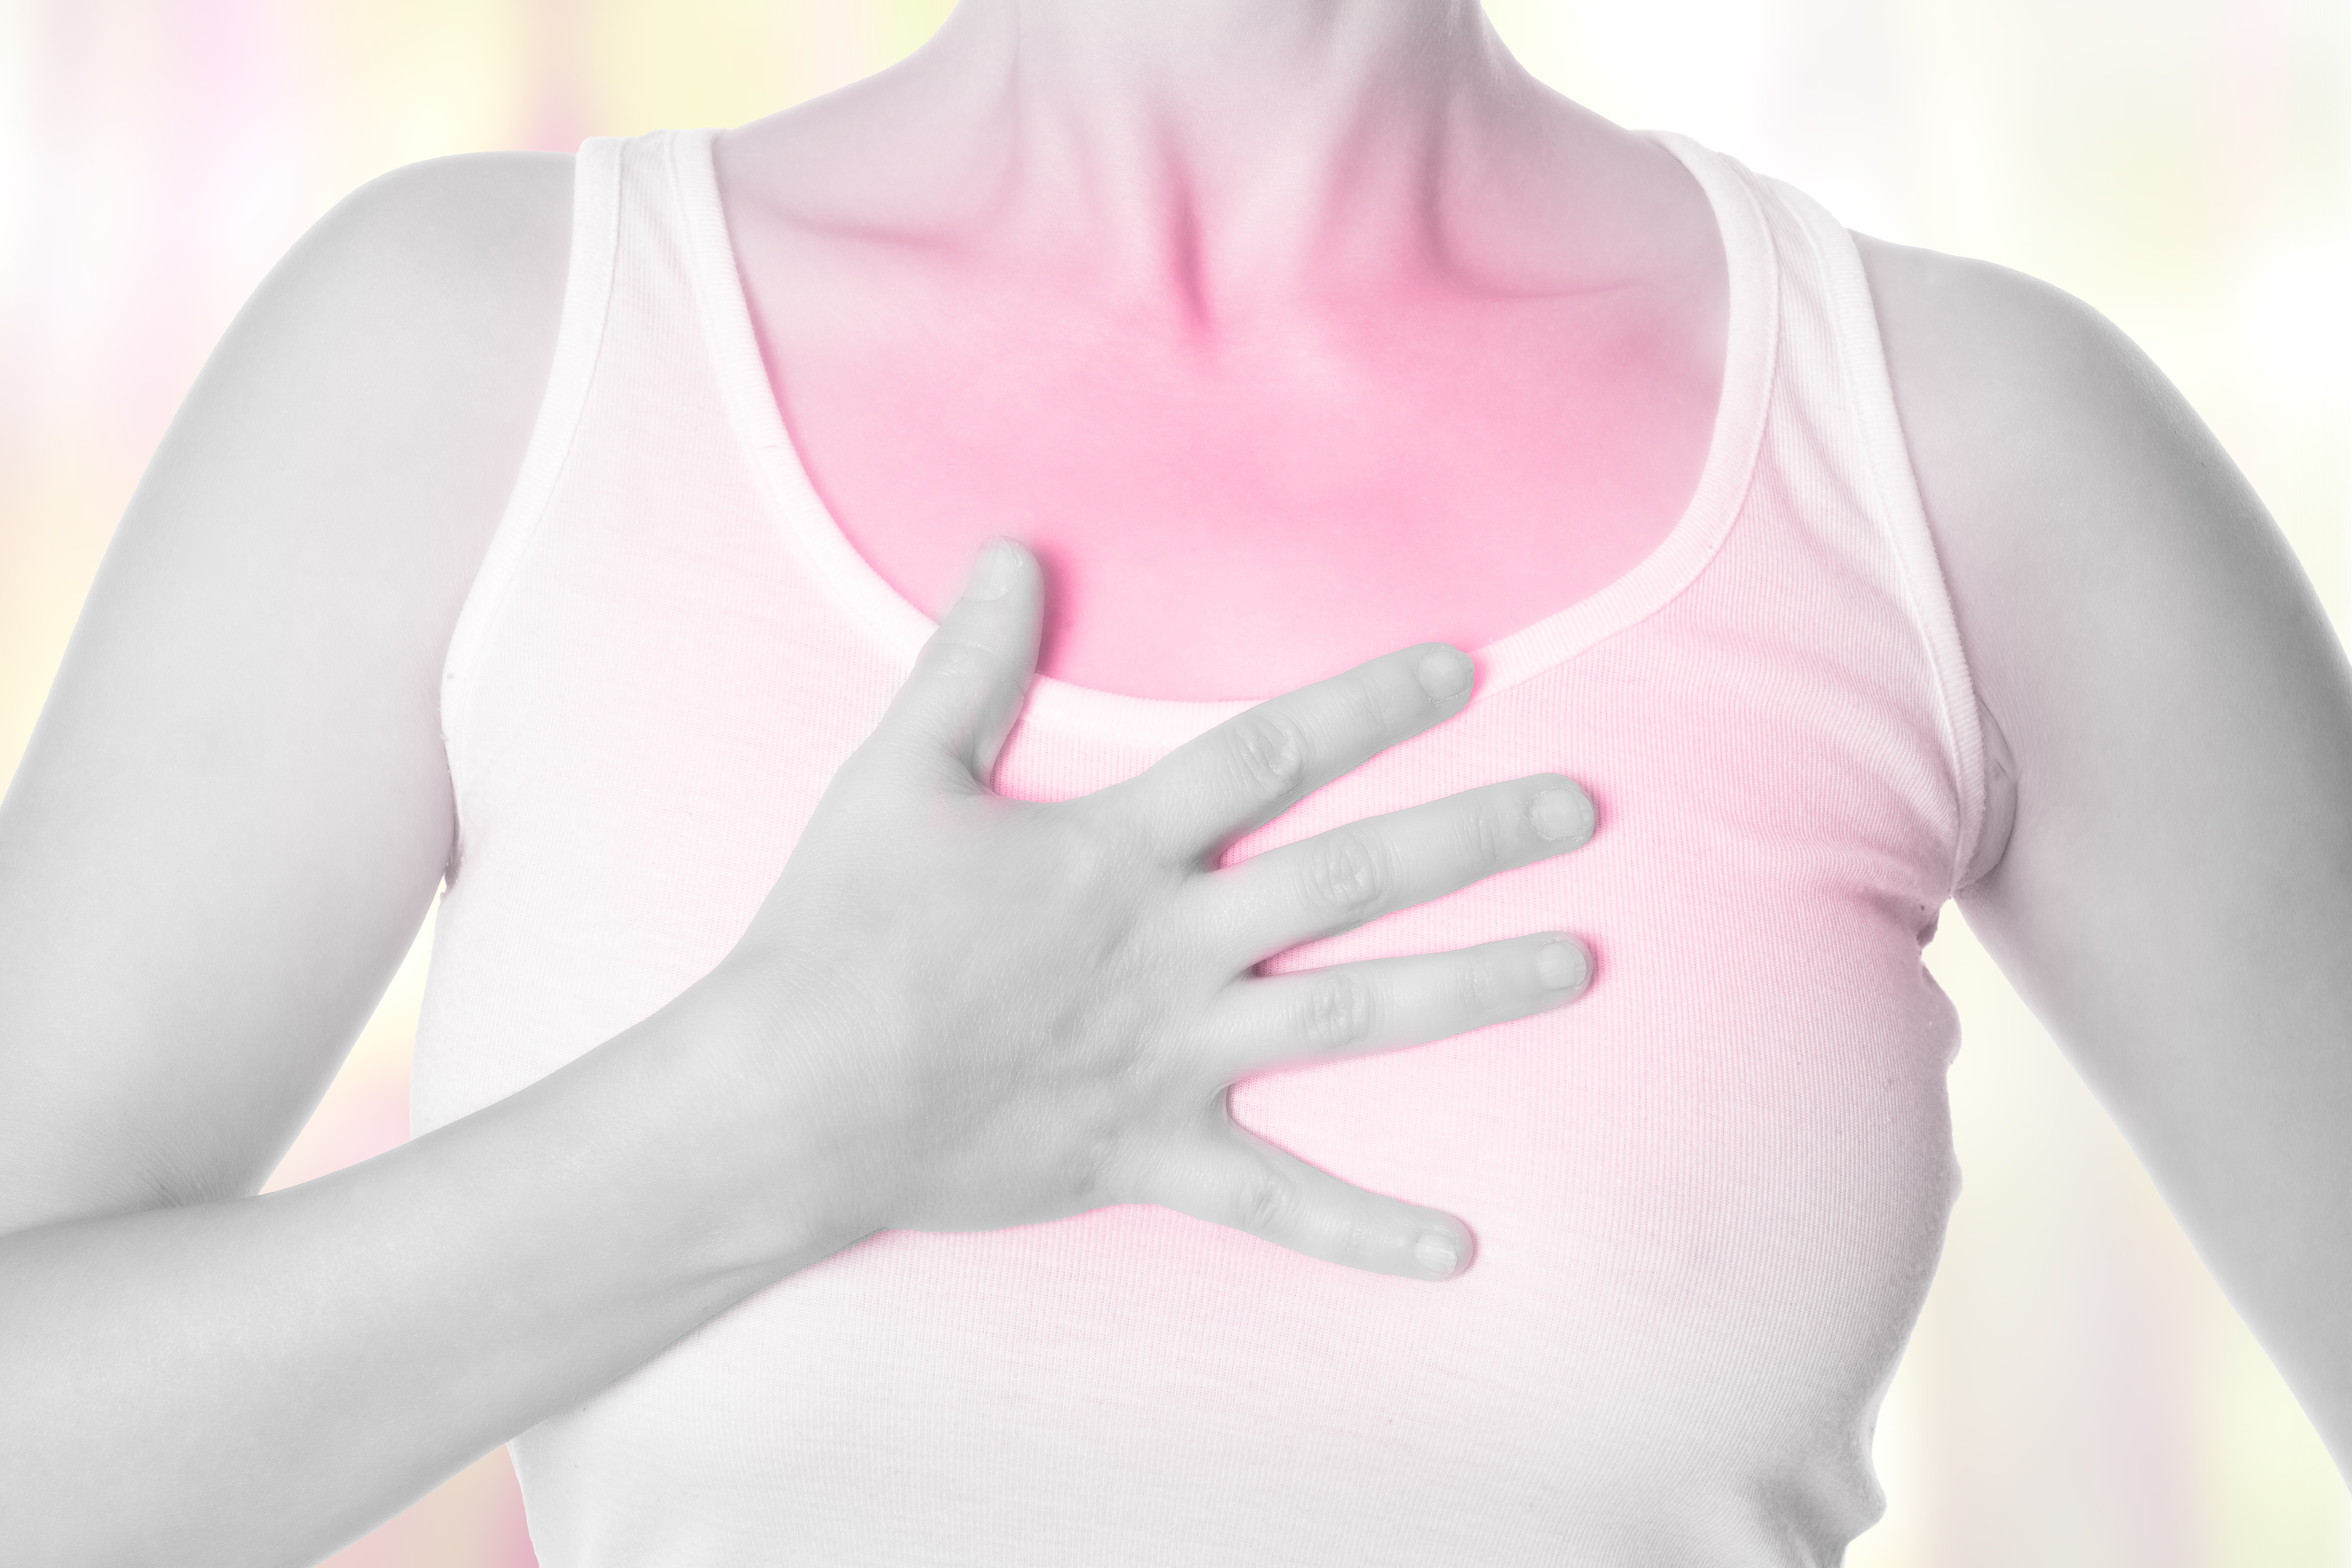 Stechen In Der Brust Schwangerschaft